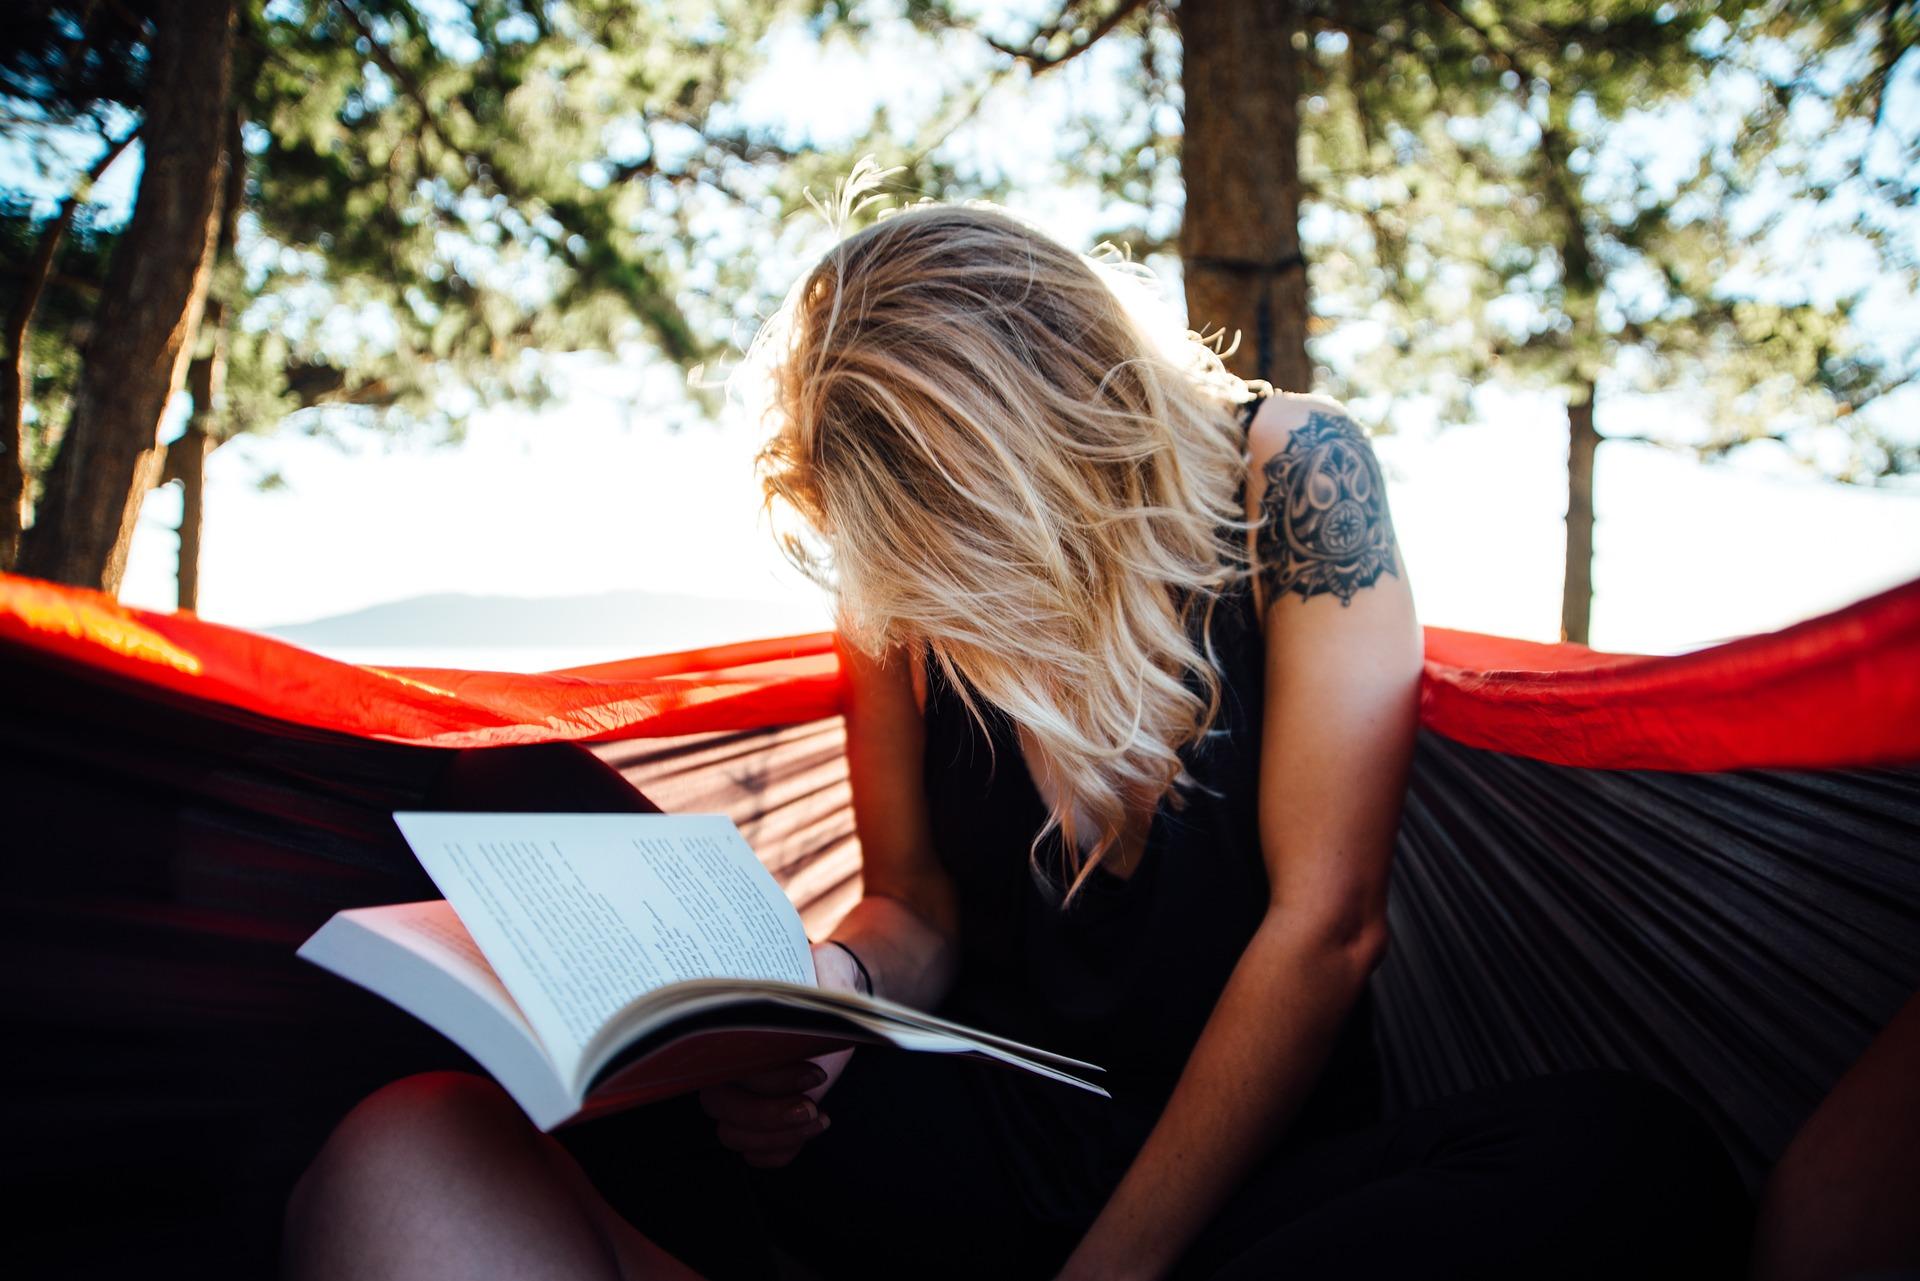 Sempatkan membaca minimal 2 halaman setiap hari